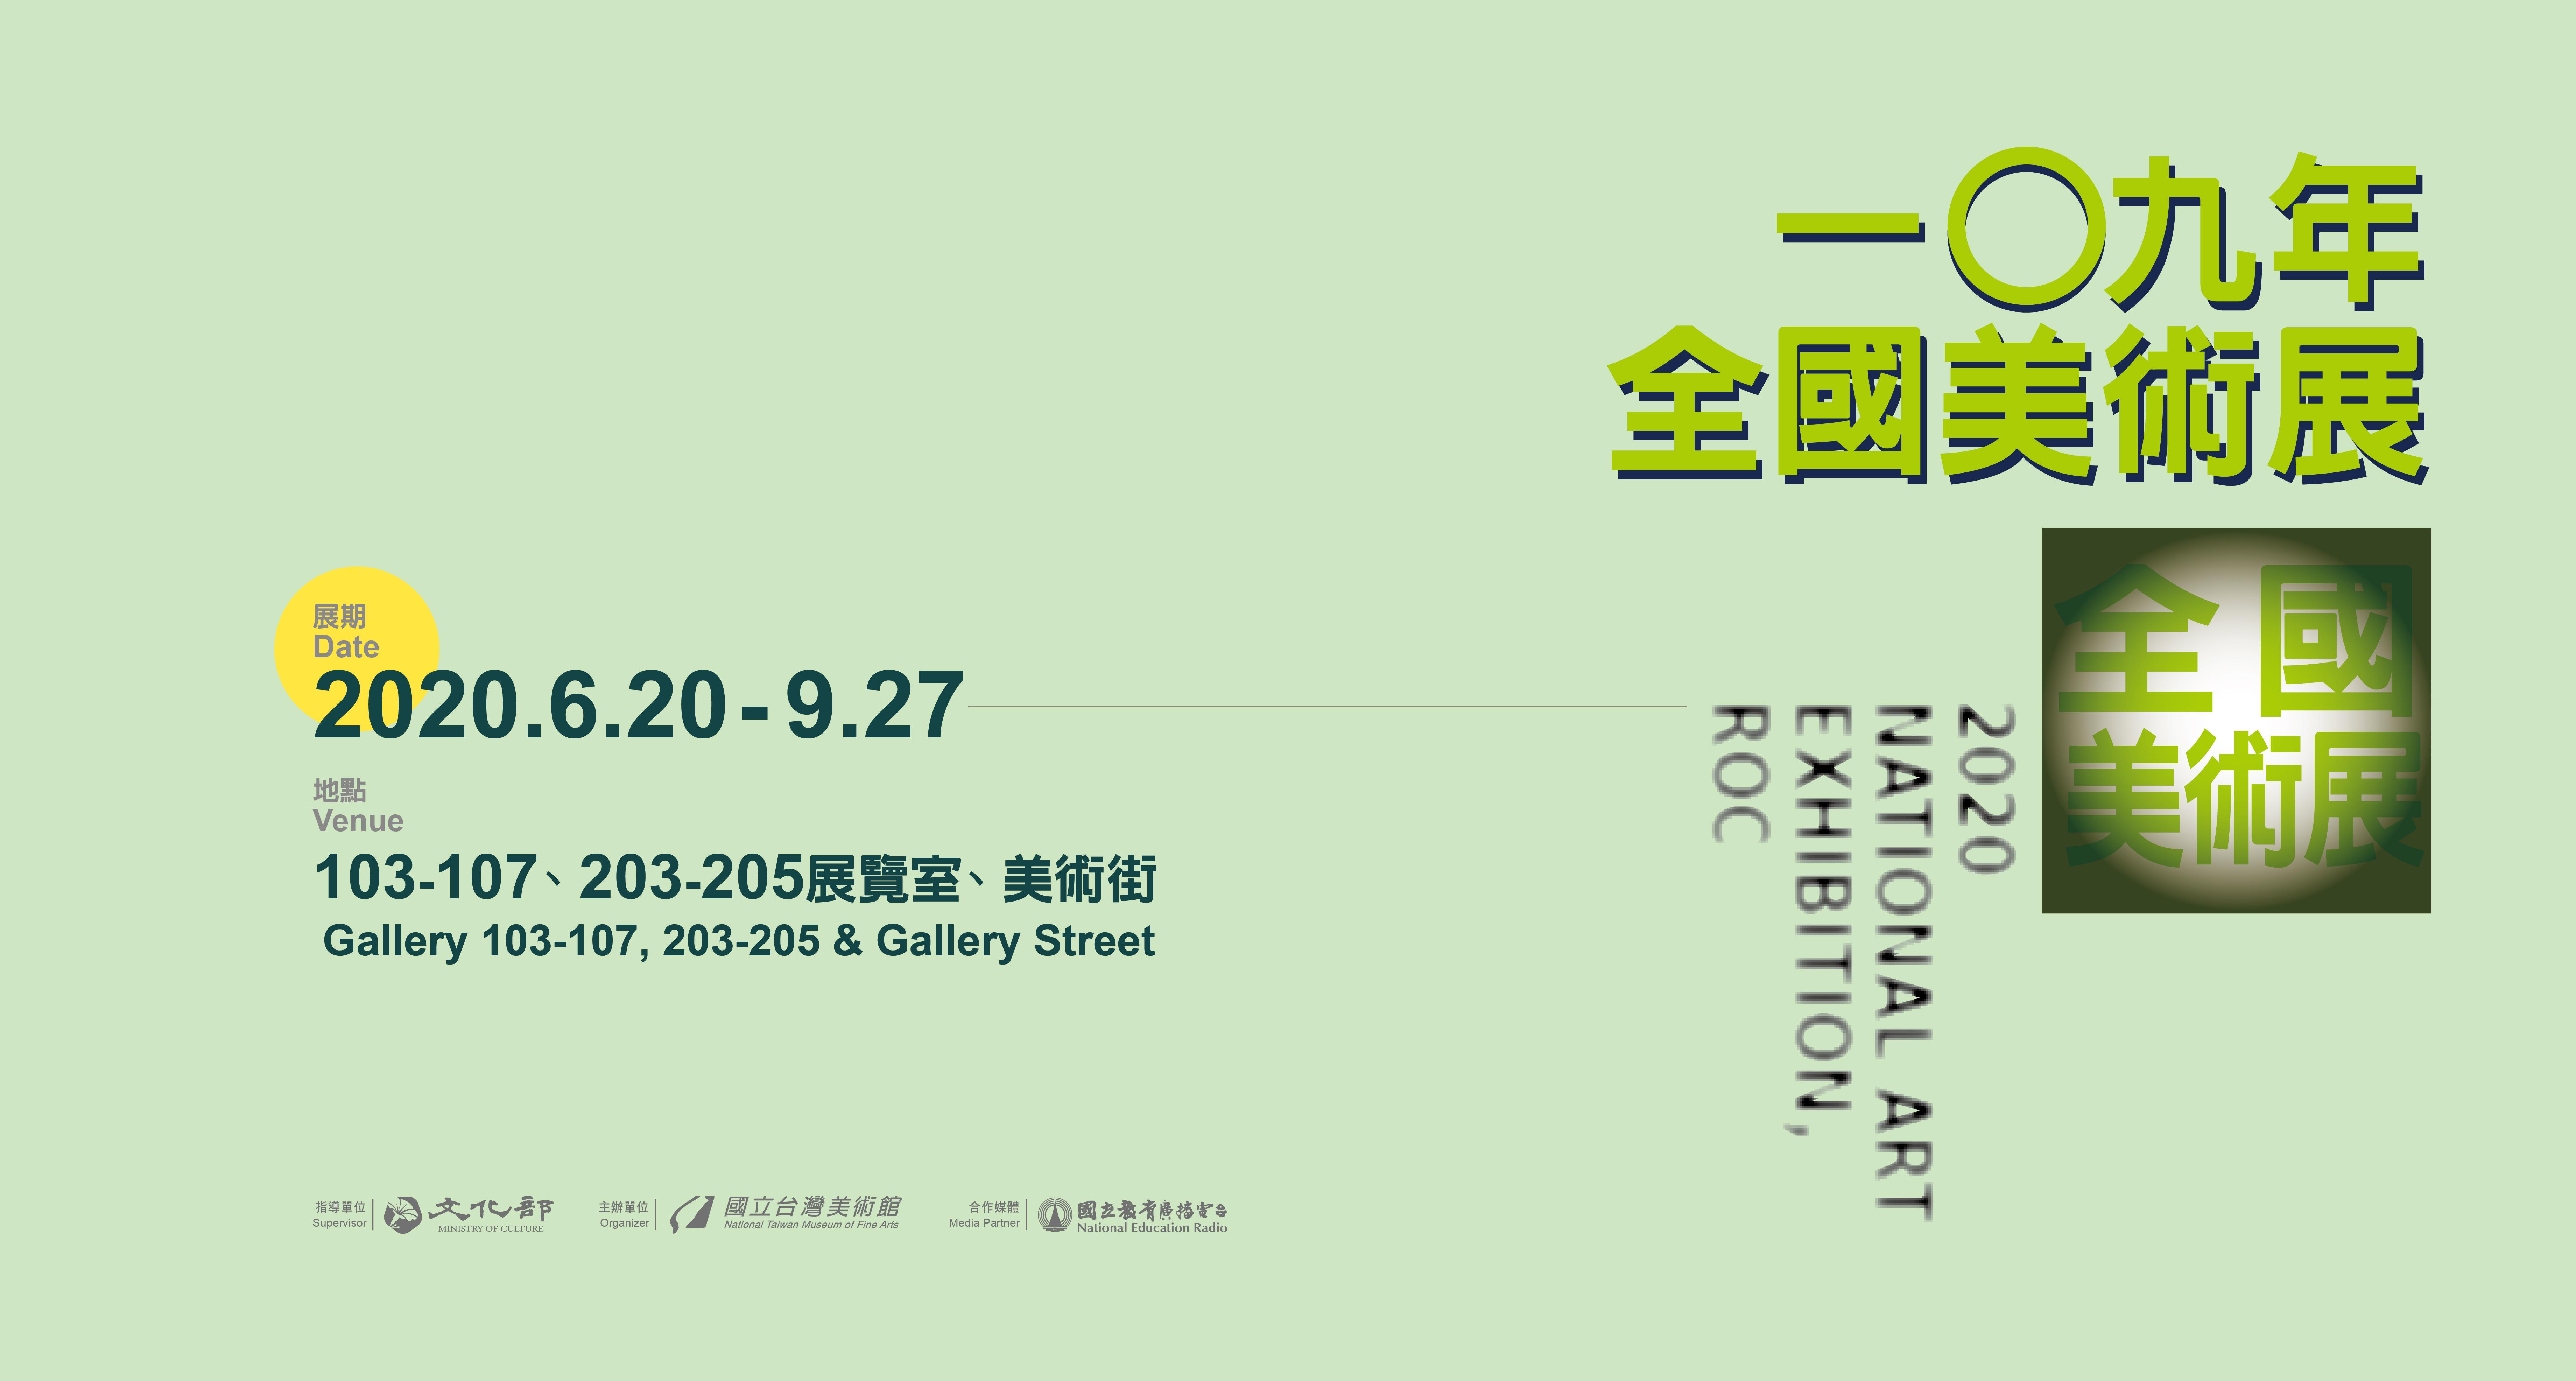 一○九年全國美術展opennewwindow